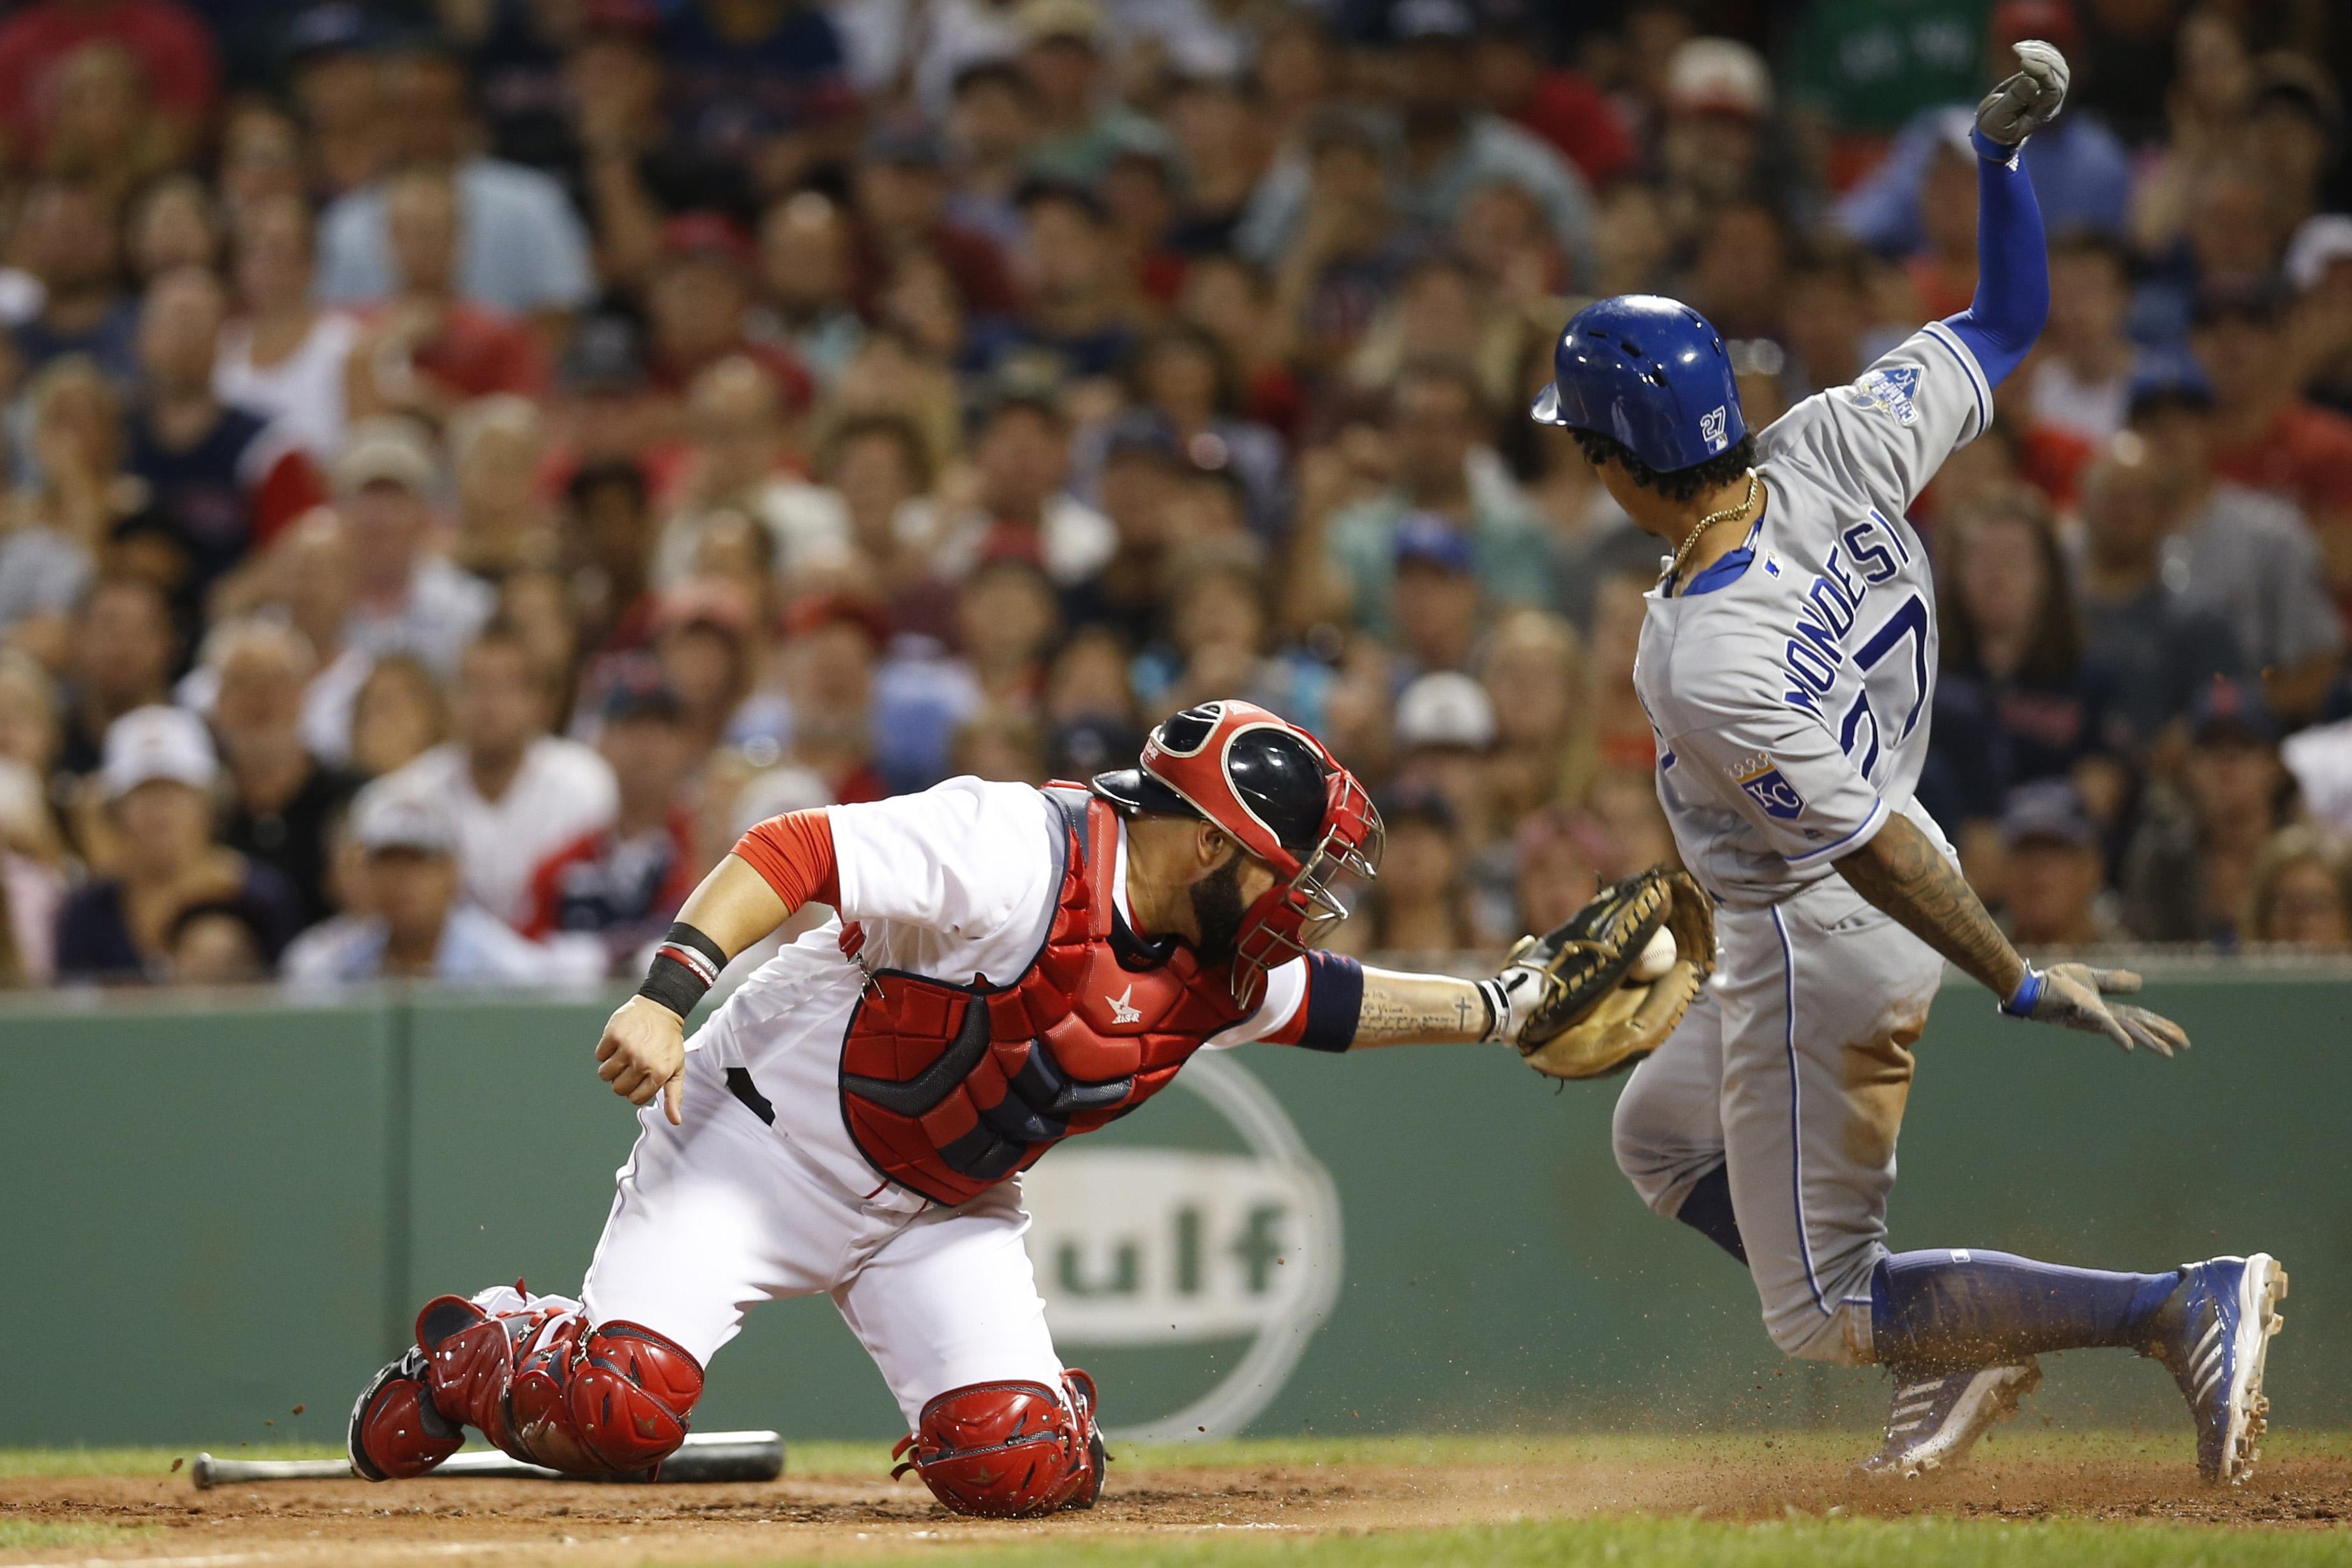 MLB: Kansas City Royals at Boston Red Sox